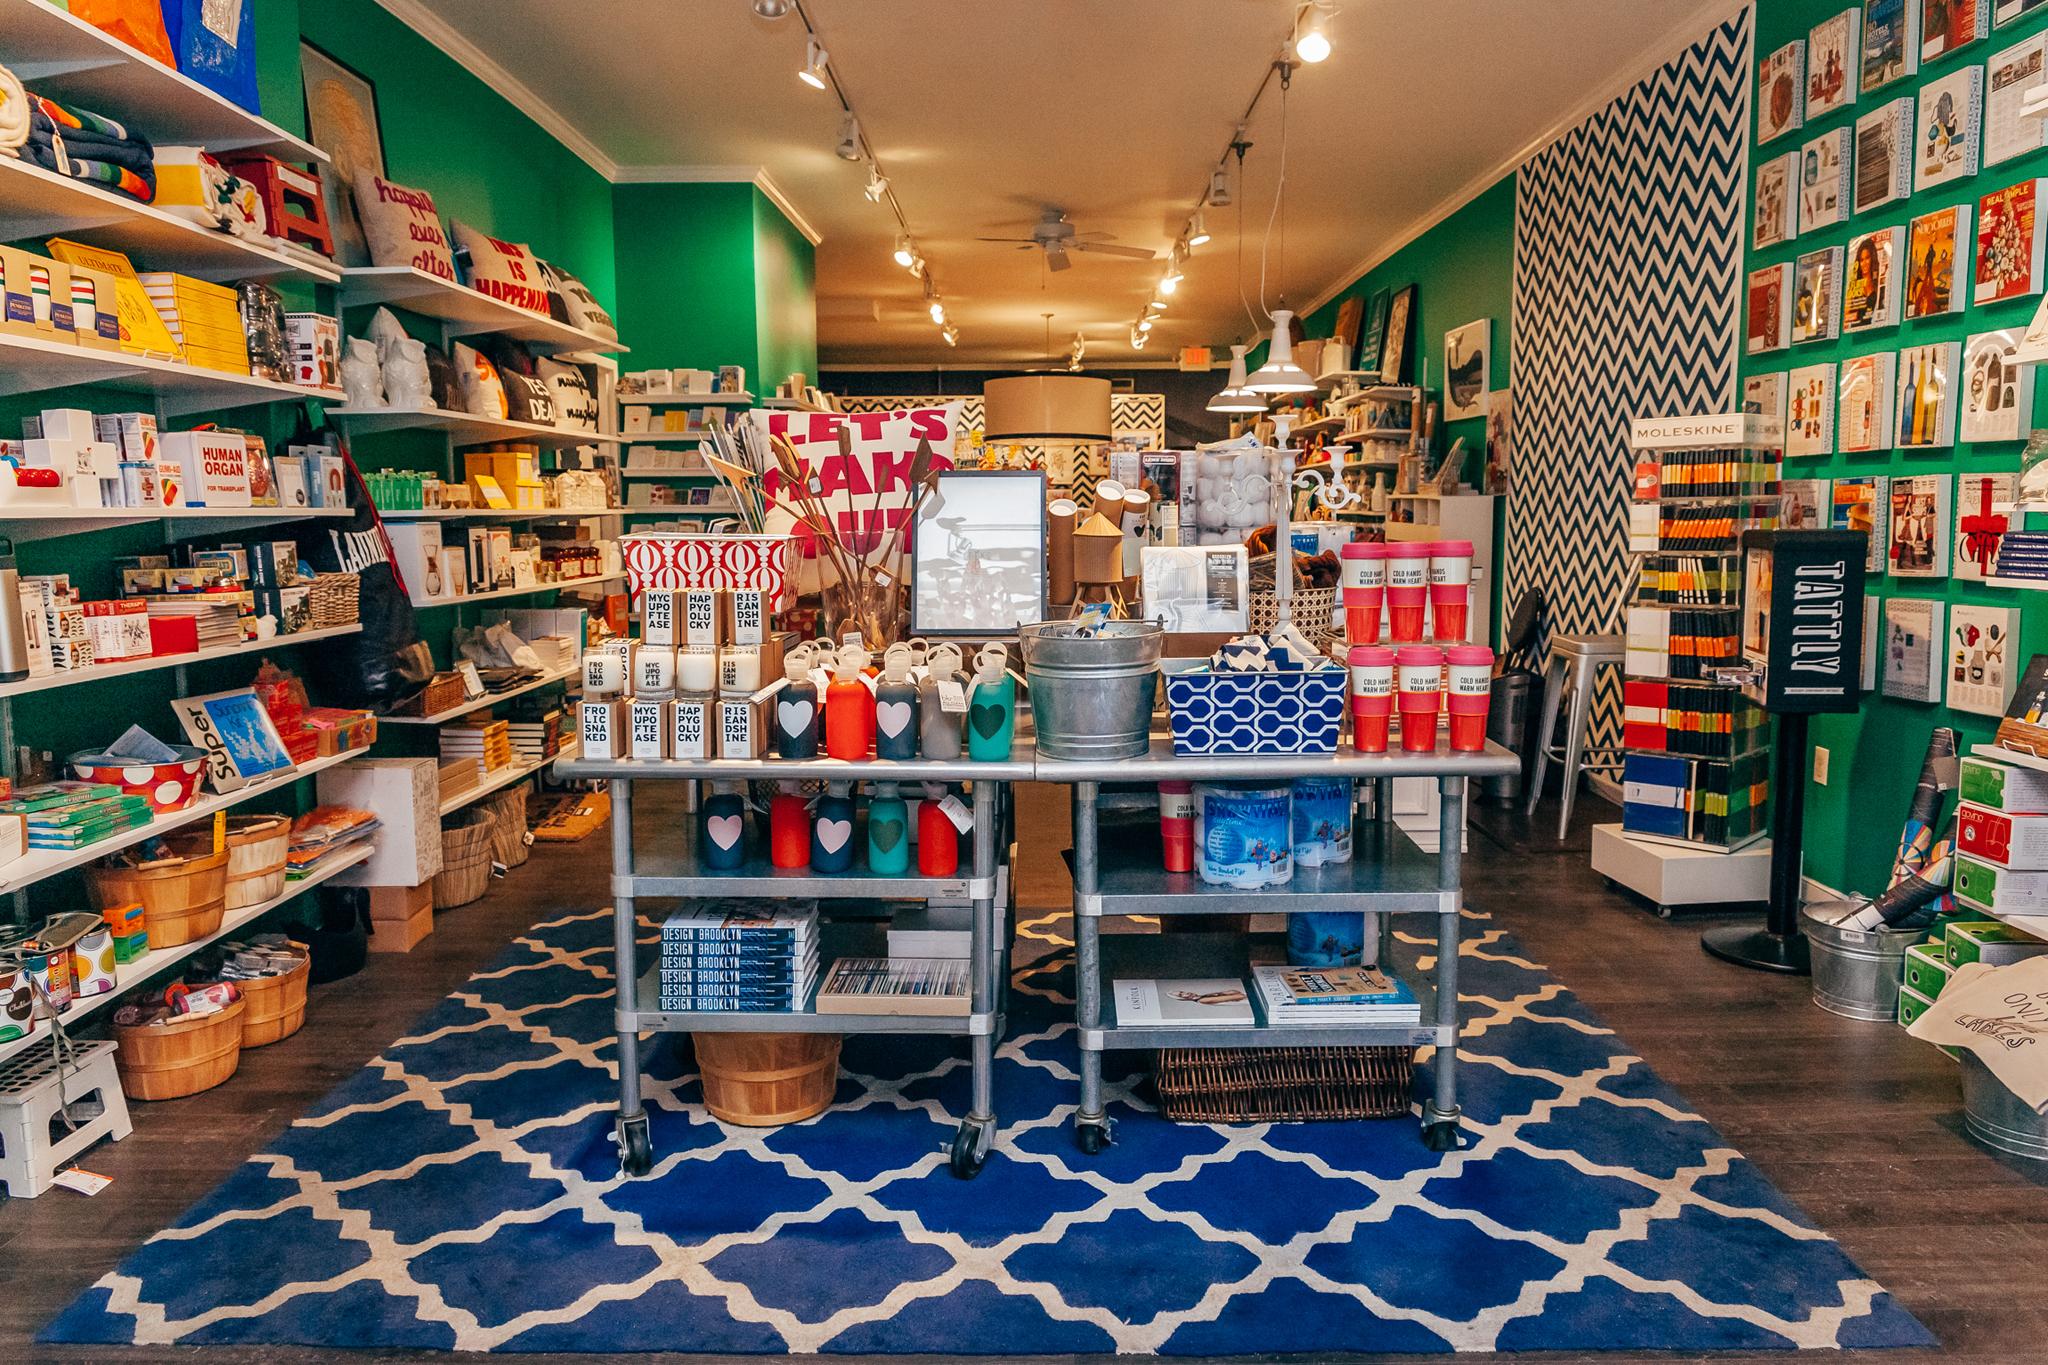 không gian bố trí cửa hàng bán lẻ luôn là xu thế tiêu dùng nhanh, đắt khách